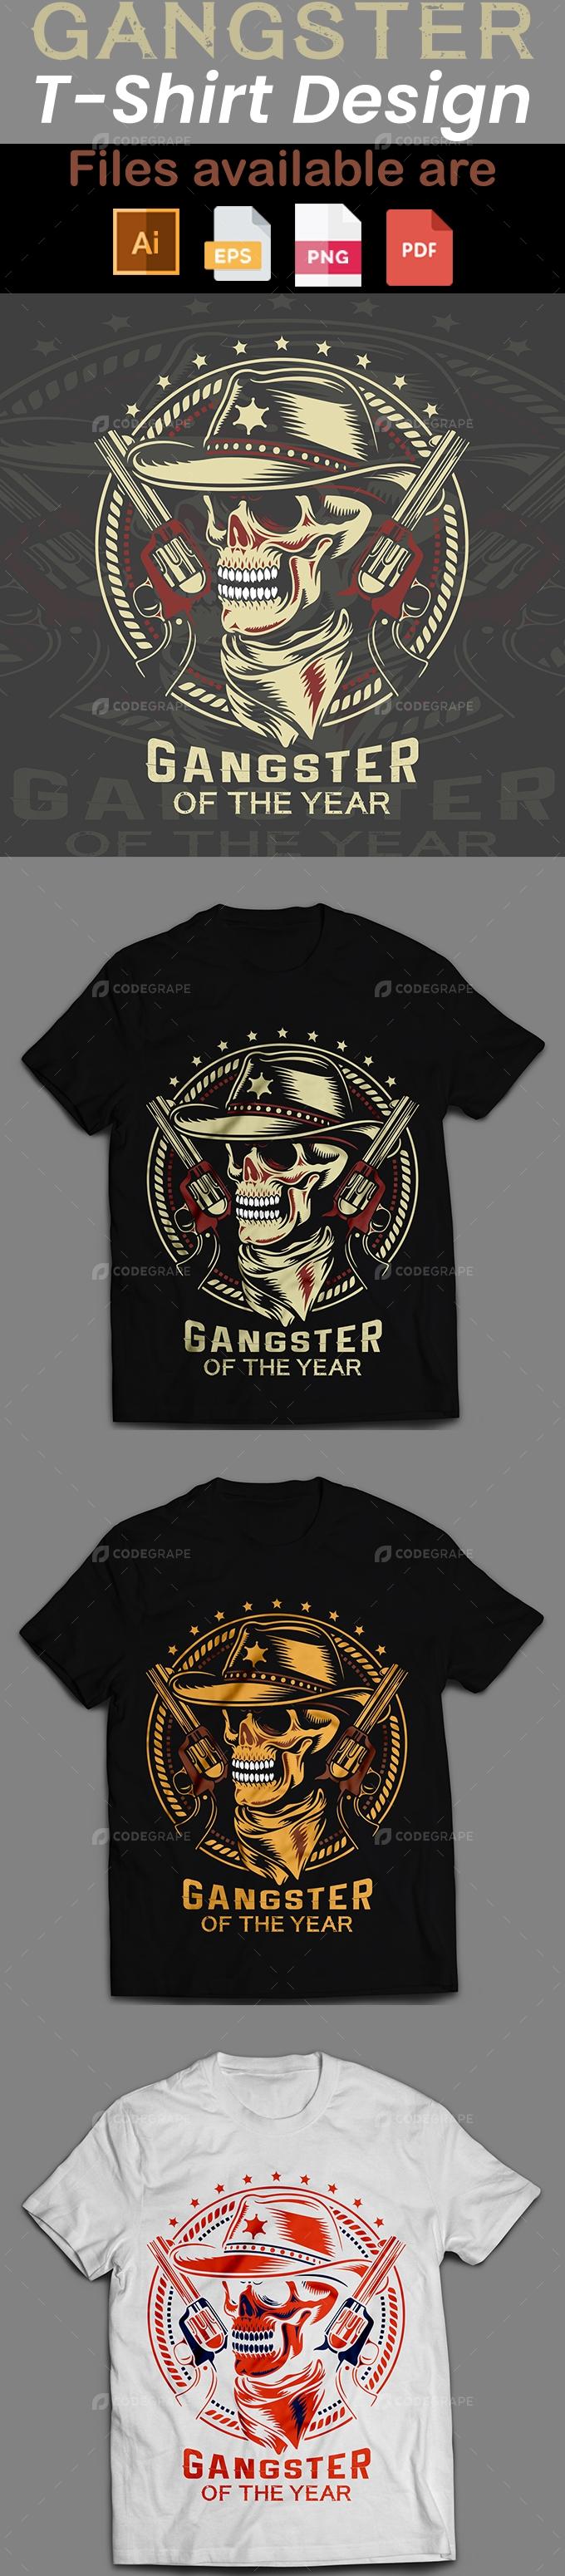 Gangster T-Shirt Design.